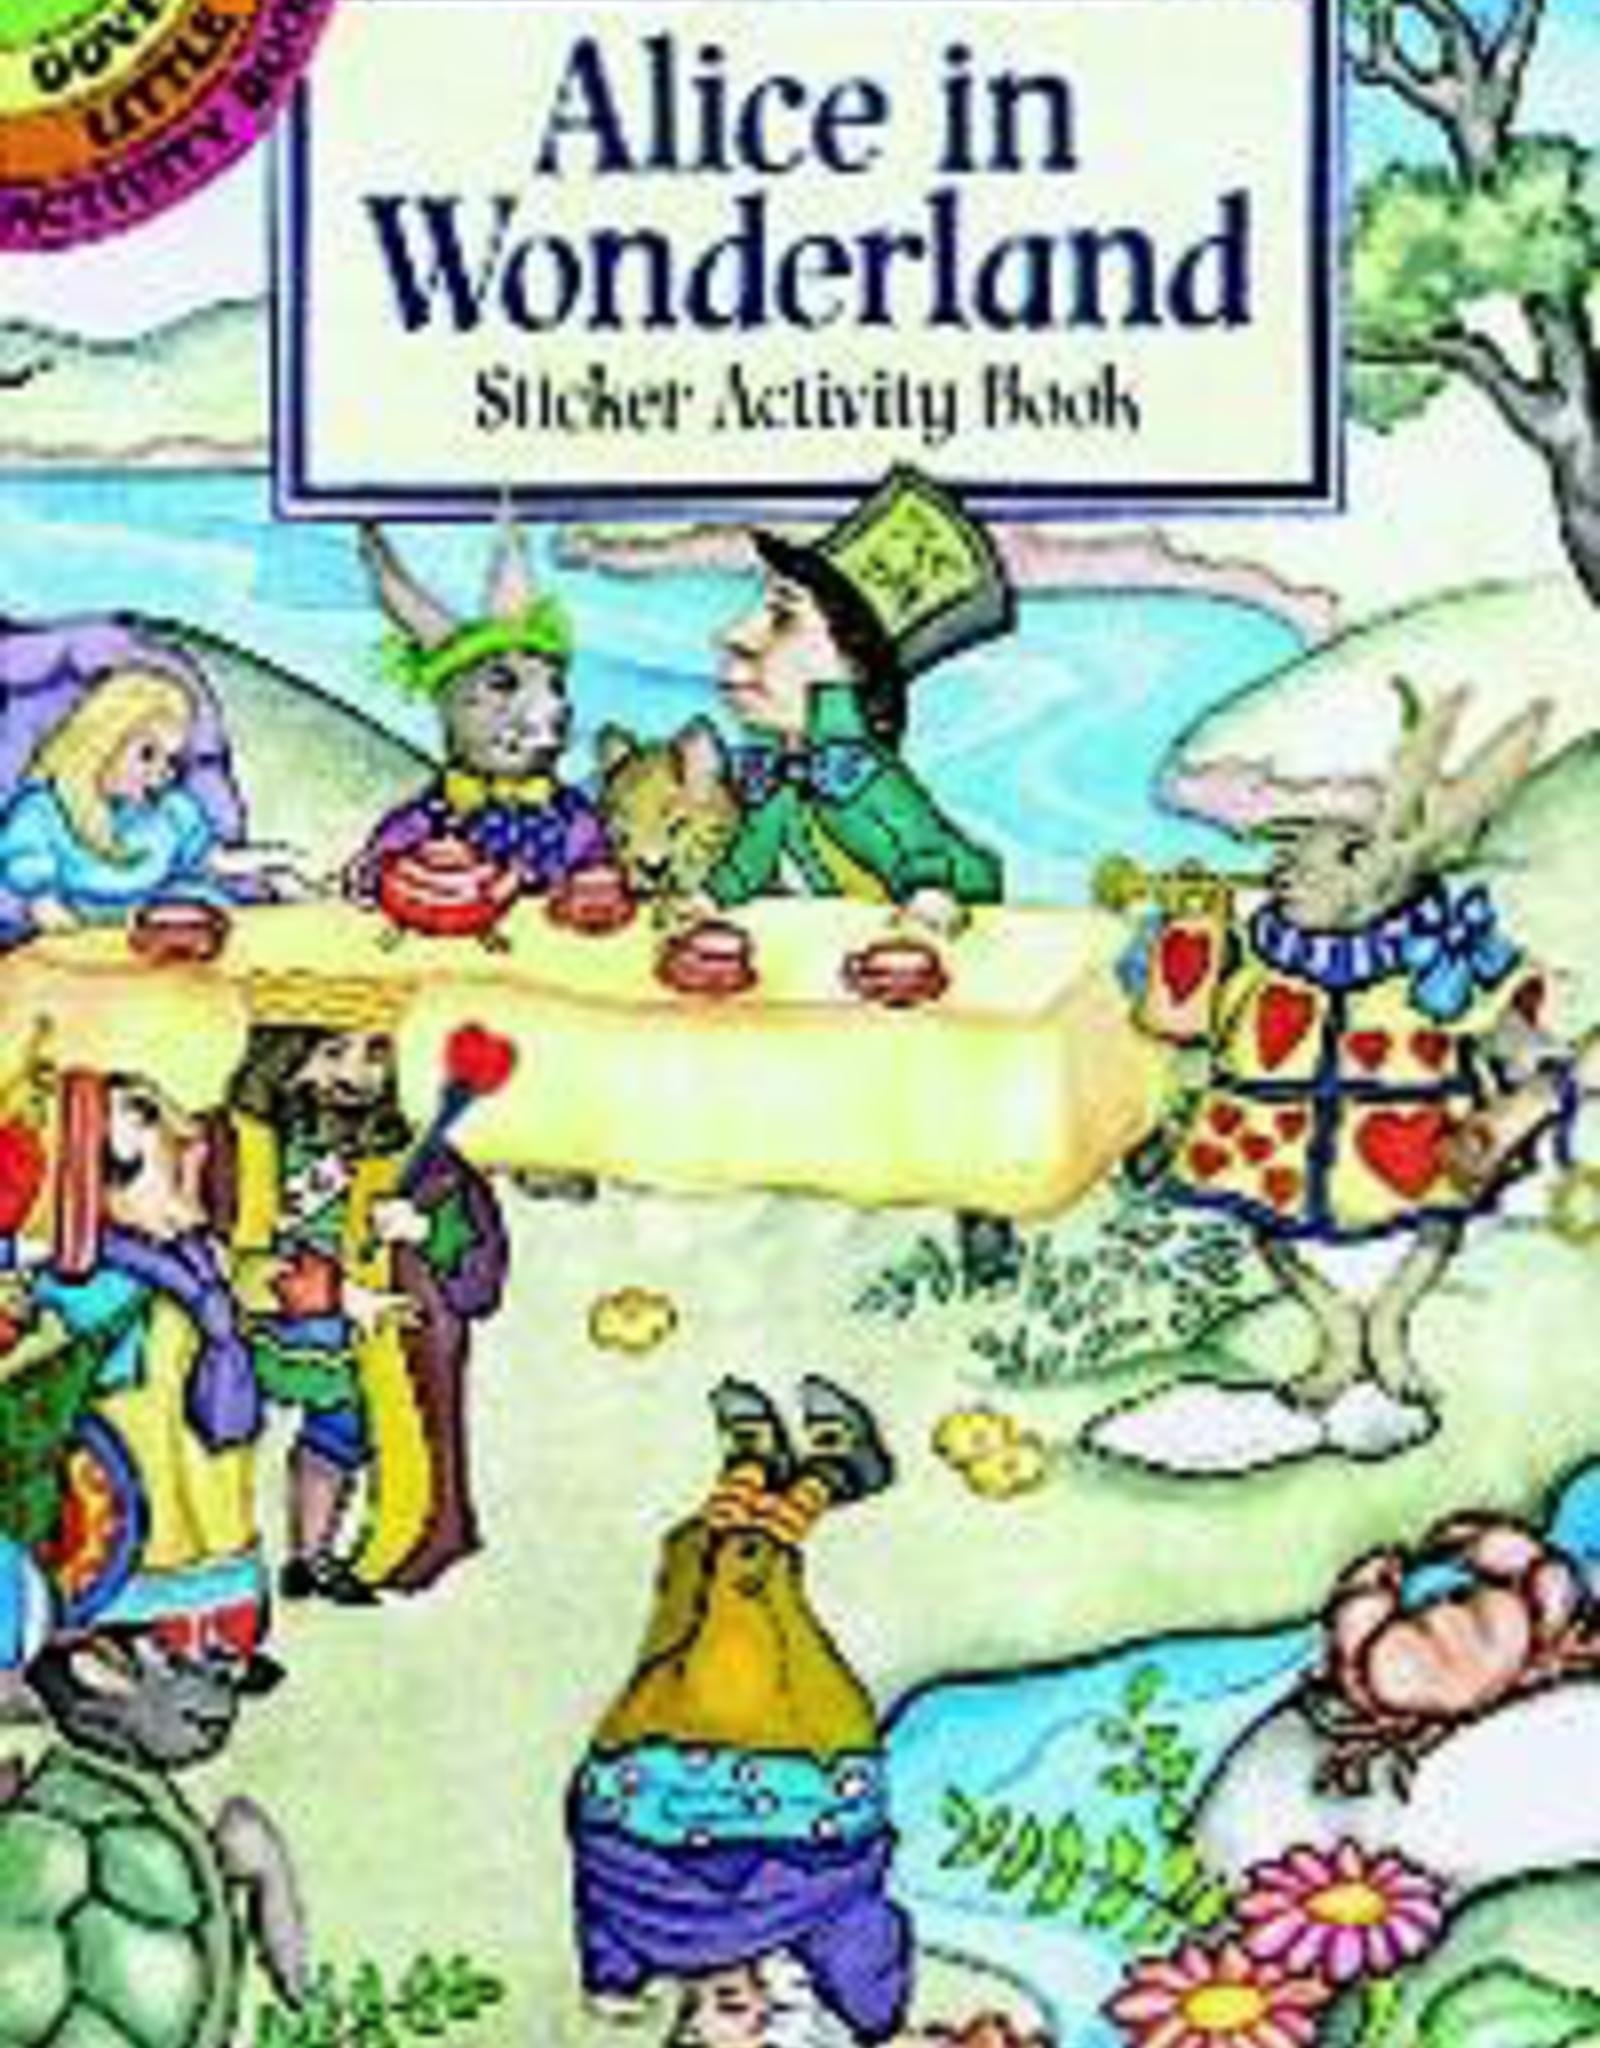 Dover Alice in Wonderland Sticker Activity Book